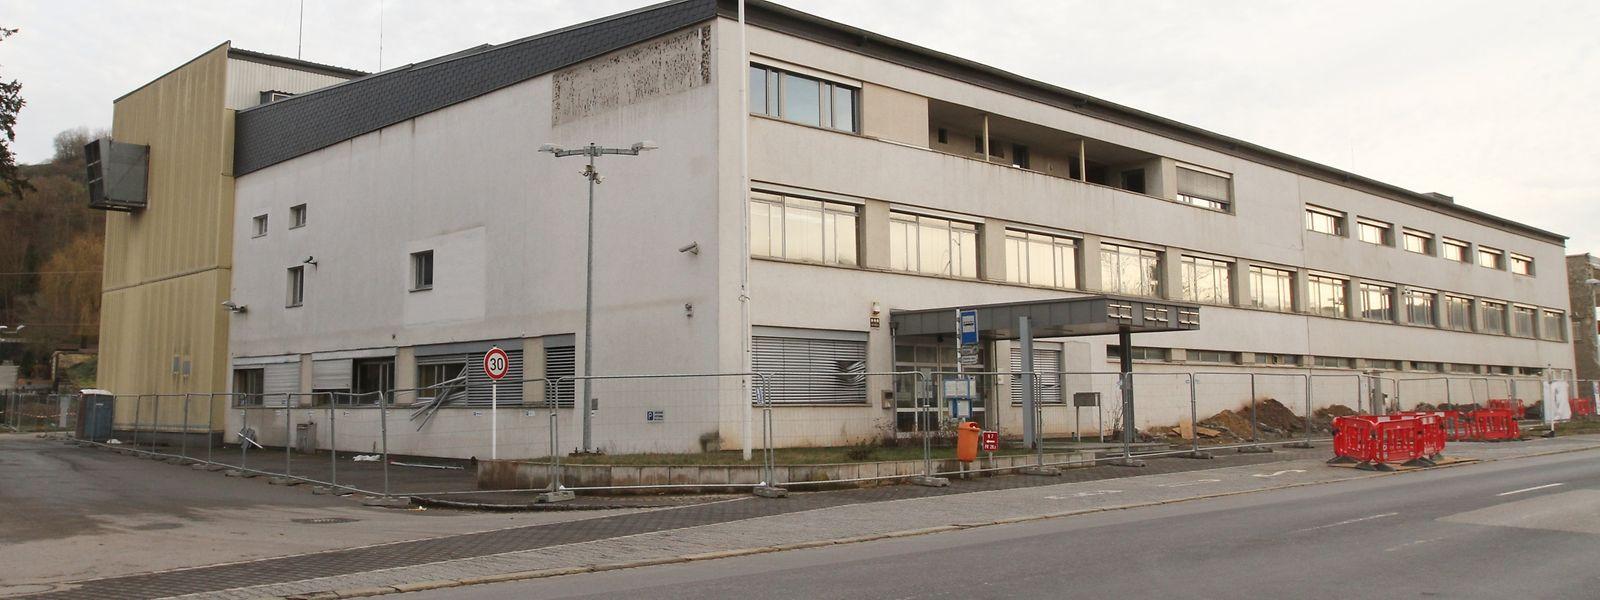 Knapp 60 Jahre prägte das gedrungene Gebäude der Zigarettenfabrik Lorillard Ettelbrück. Nun wird es abgerissen.